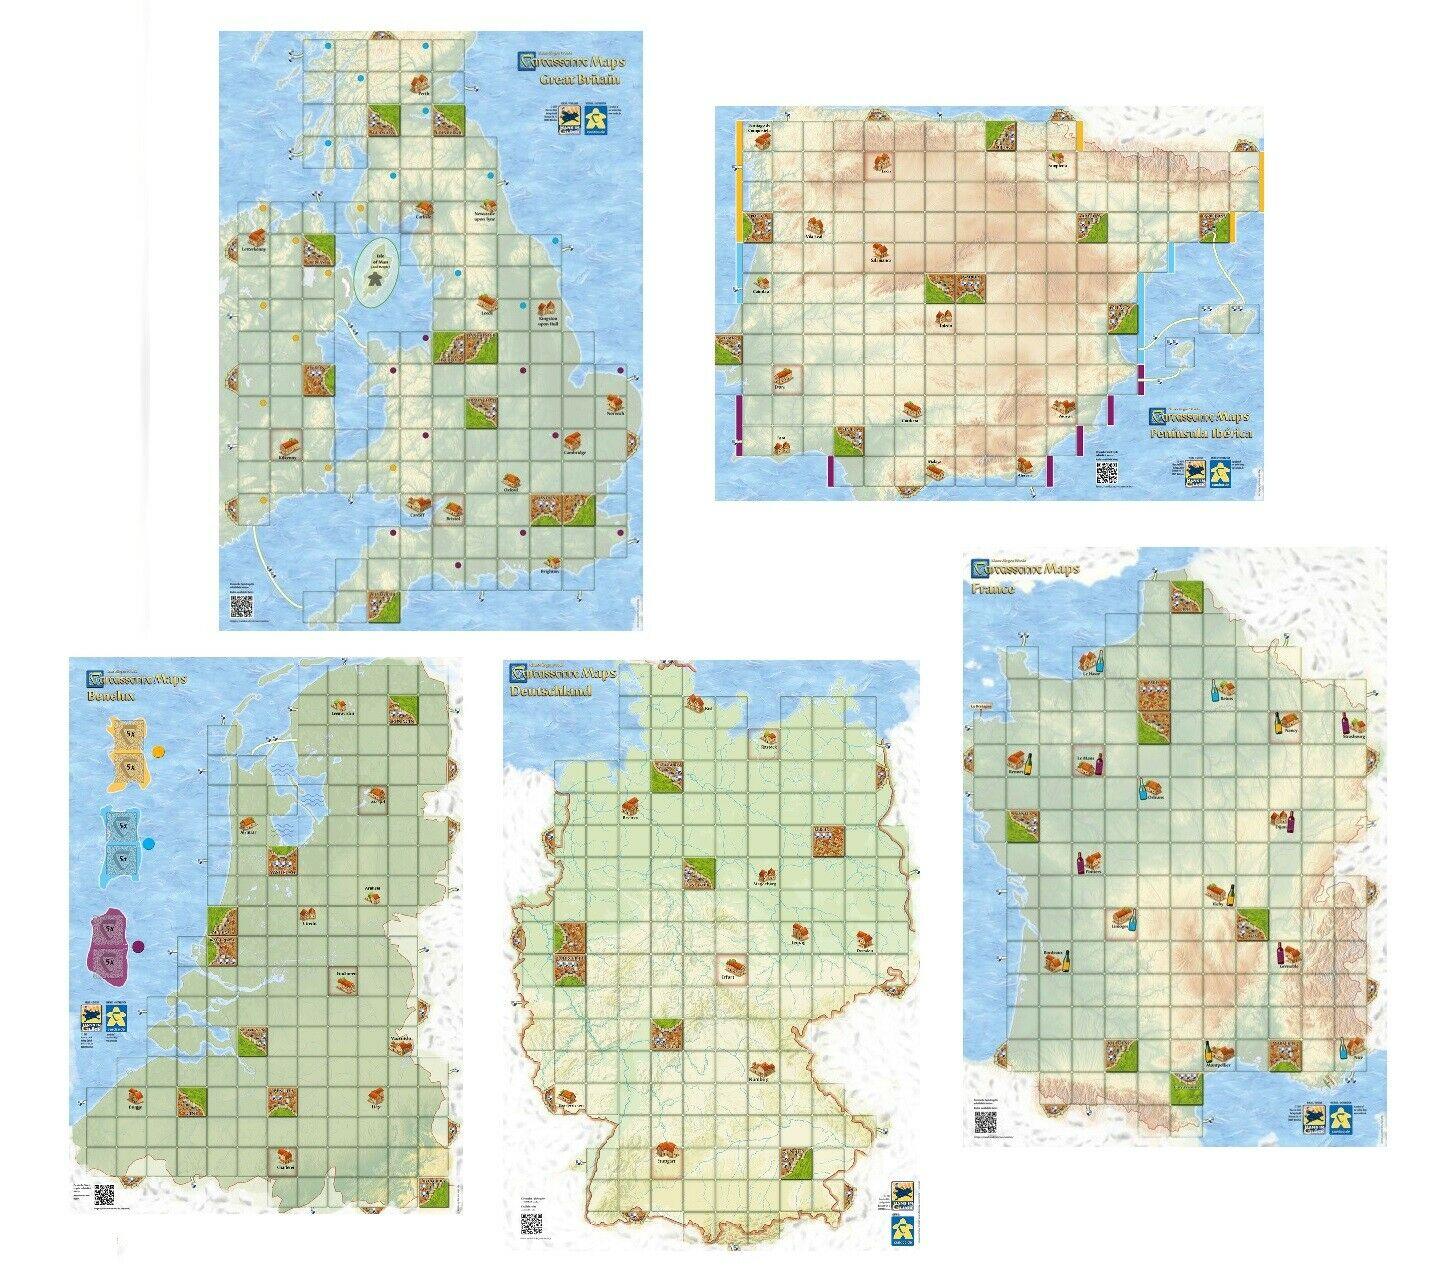 2019 Nouveau Carcassonne Cartes: France-Bretagne Péninsule concernant Jeu Carte De France